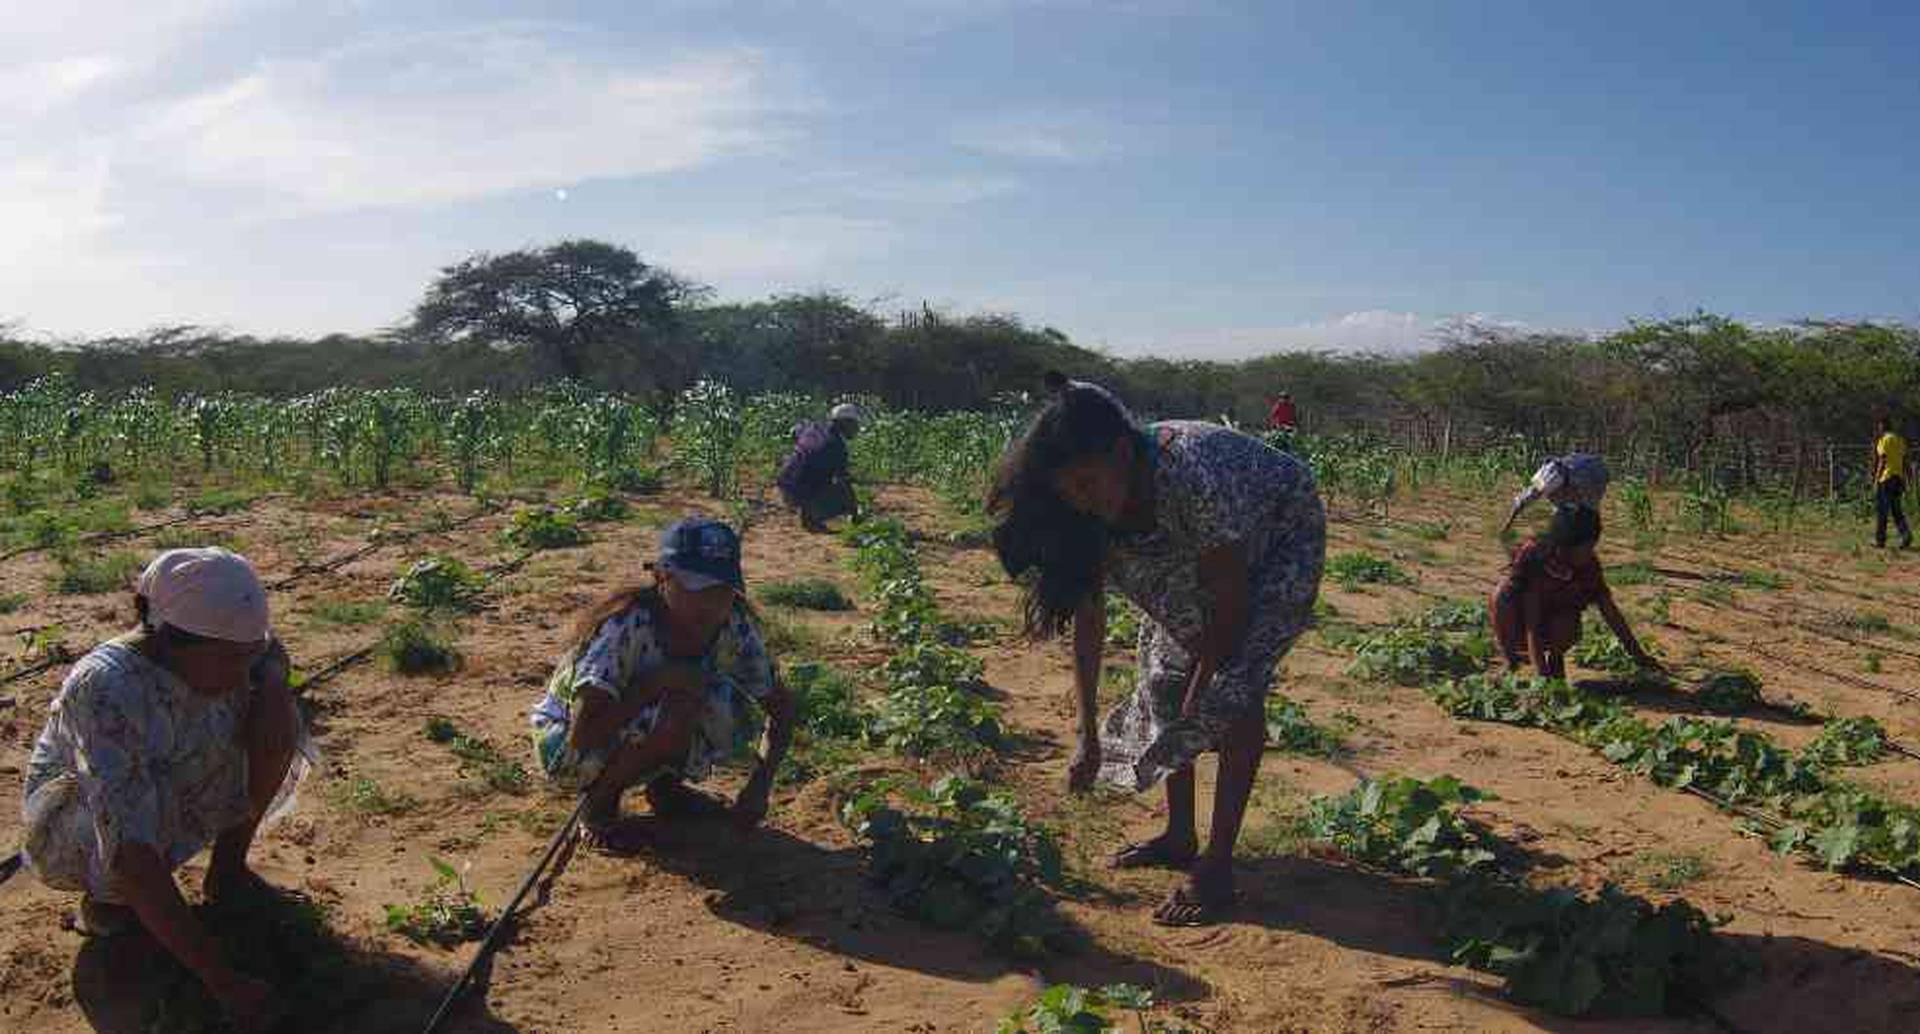 Una de las brechas que el informe que hace visibles son las dificultades que deben sortear las mujeres rurales para trabajar